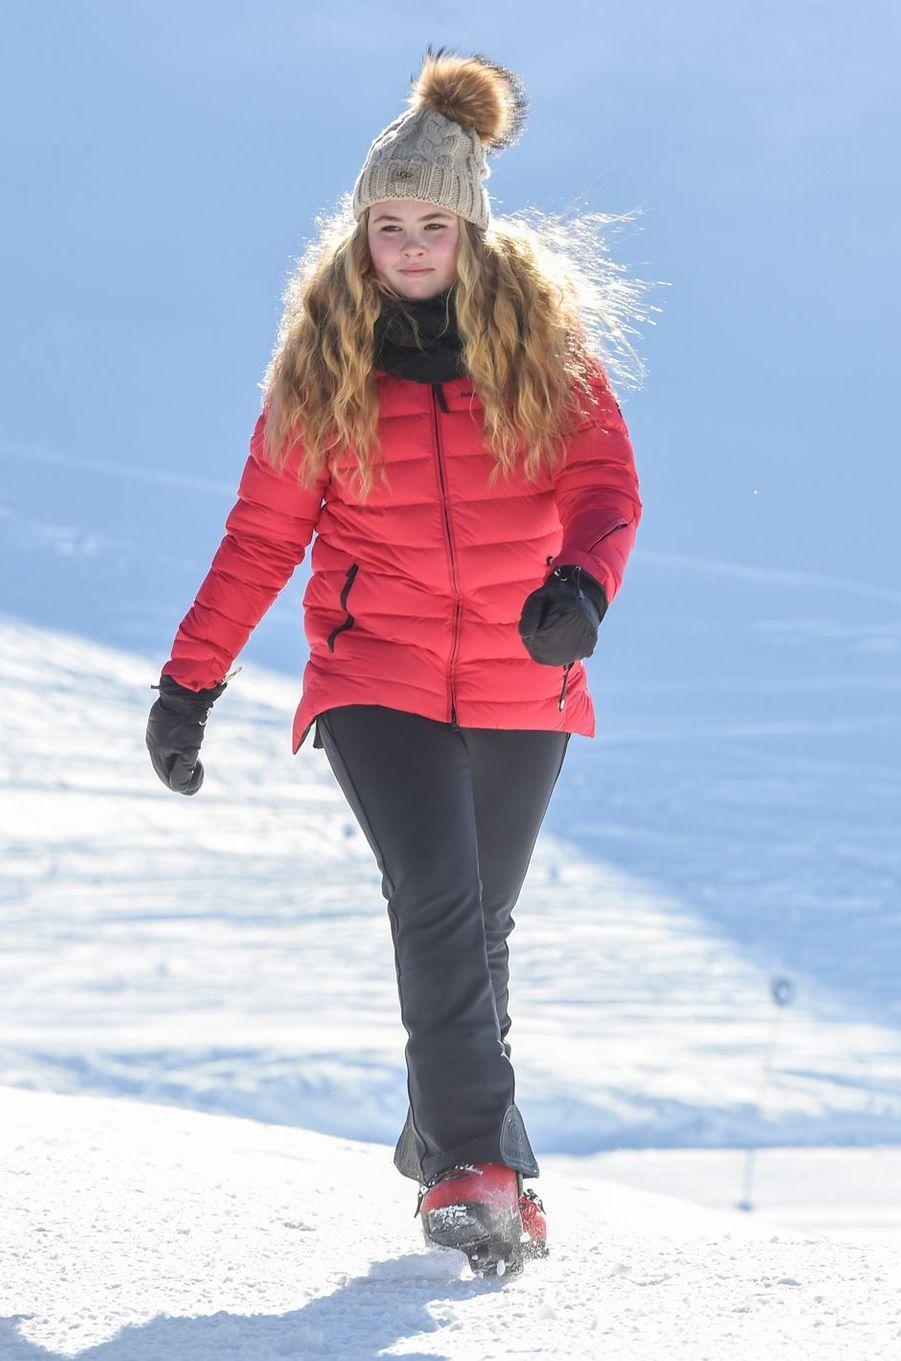 La princesse Catharina-Amalia des Pays-Bas à Lech, le 26 février 2018